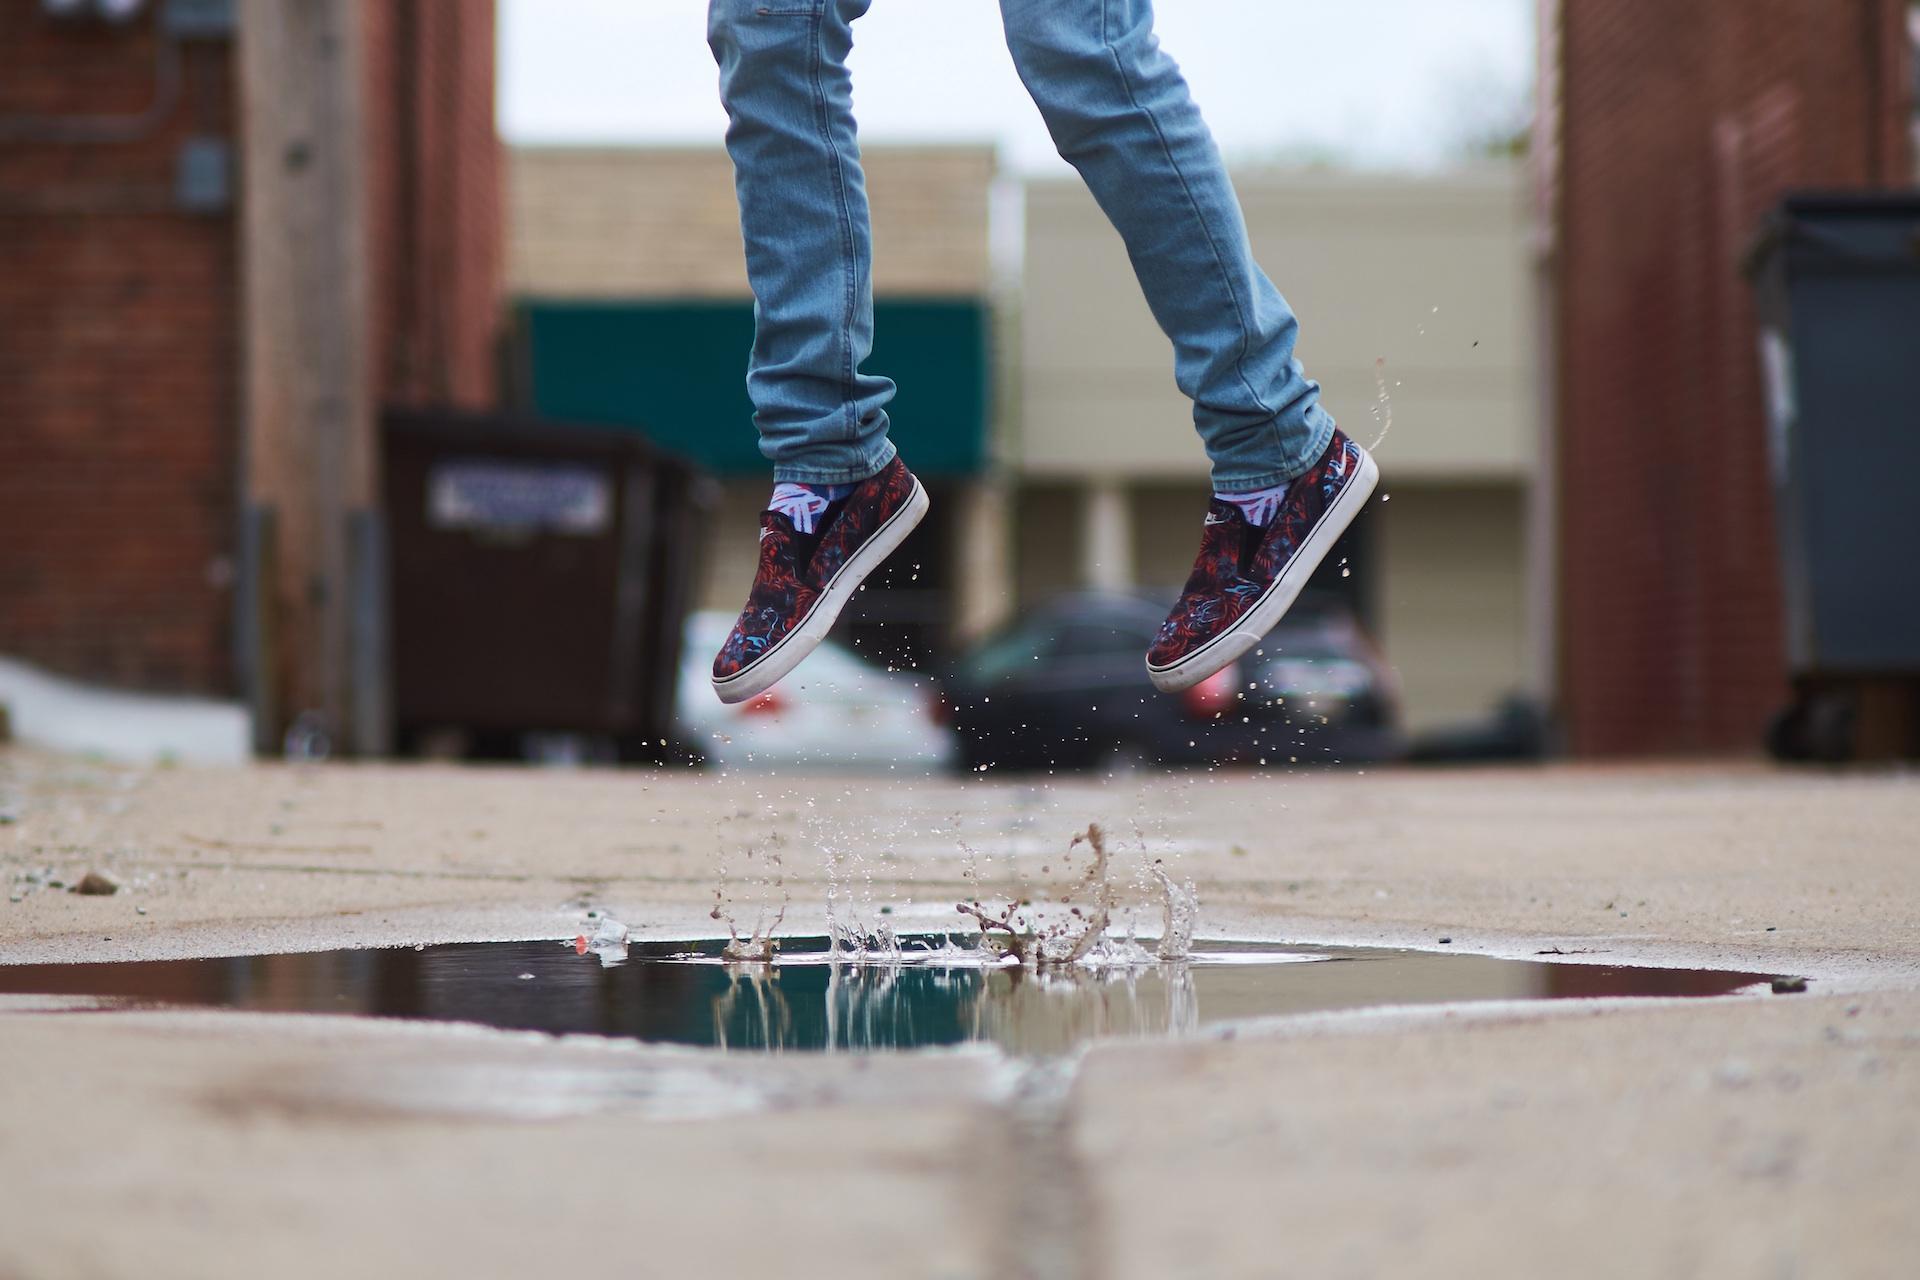 прыжок, лужа, Обувь, ноги, грязи, Брюки - Обои HD - Профессор falken.com